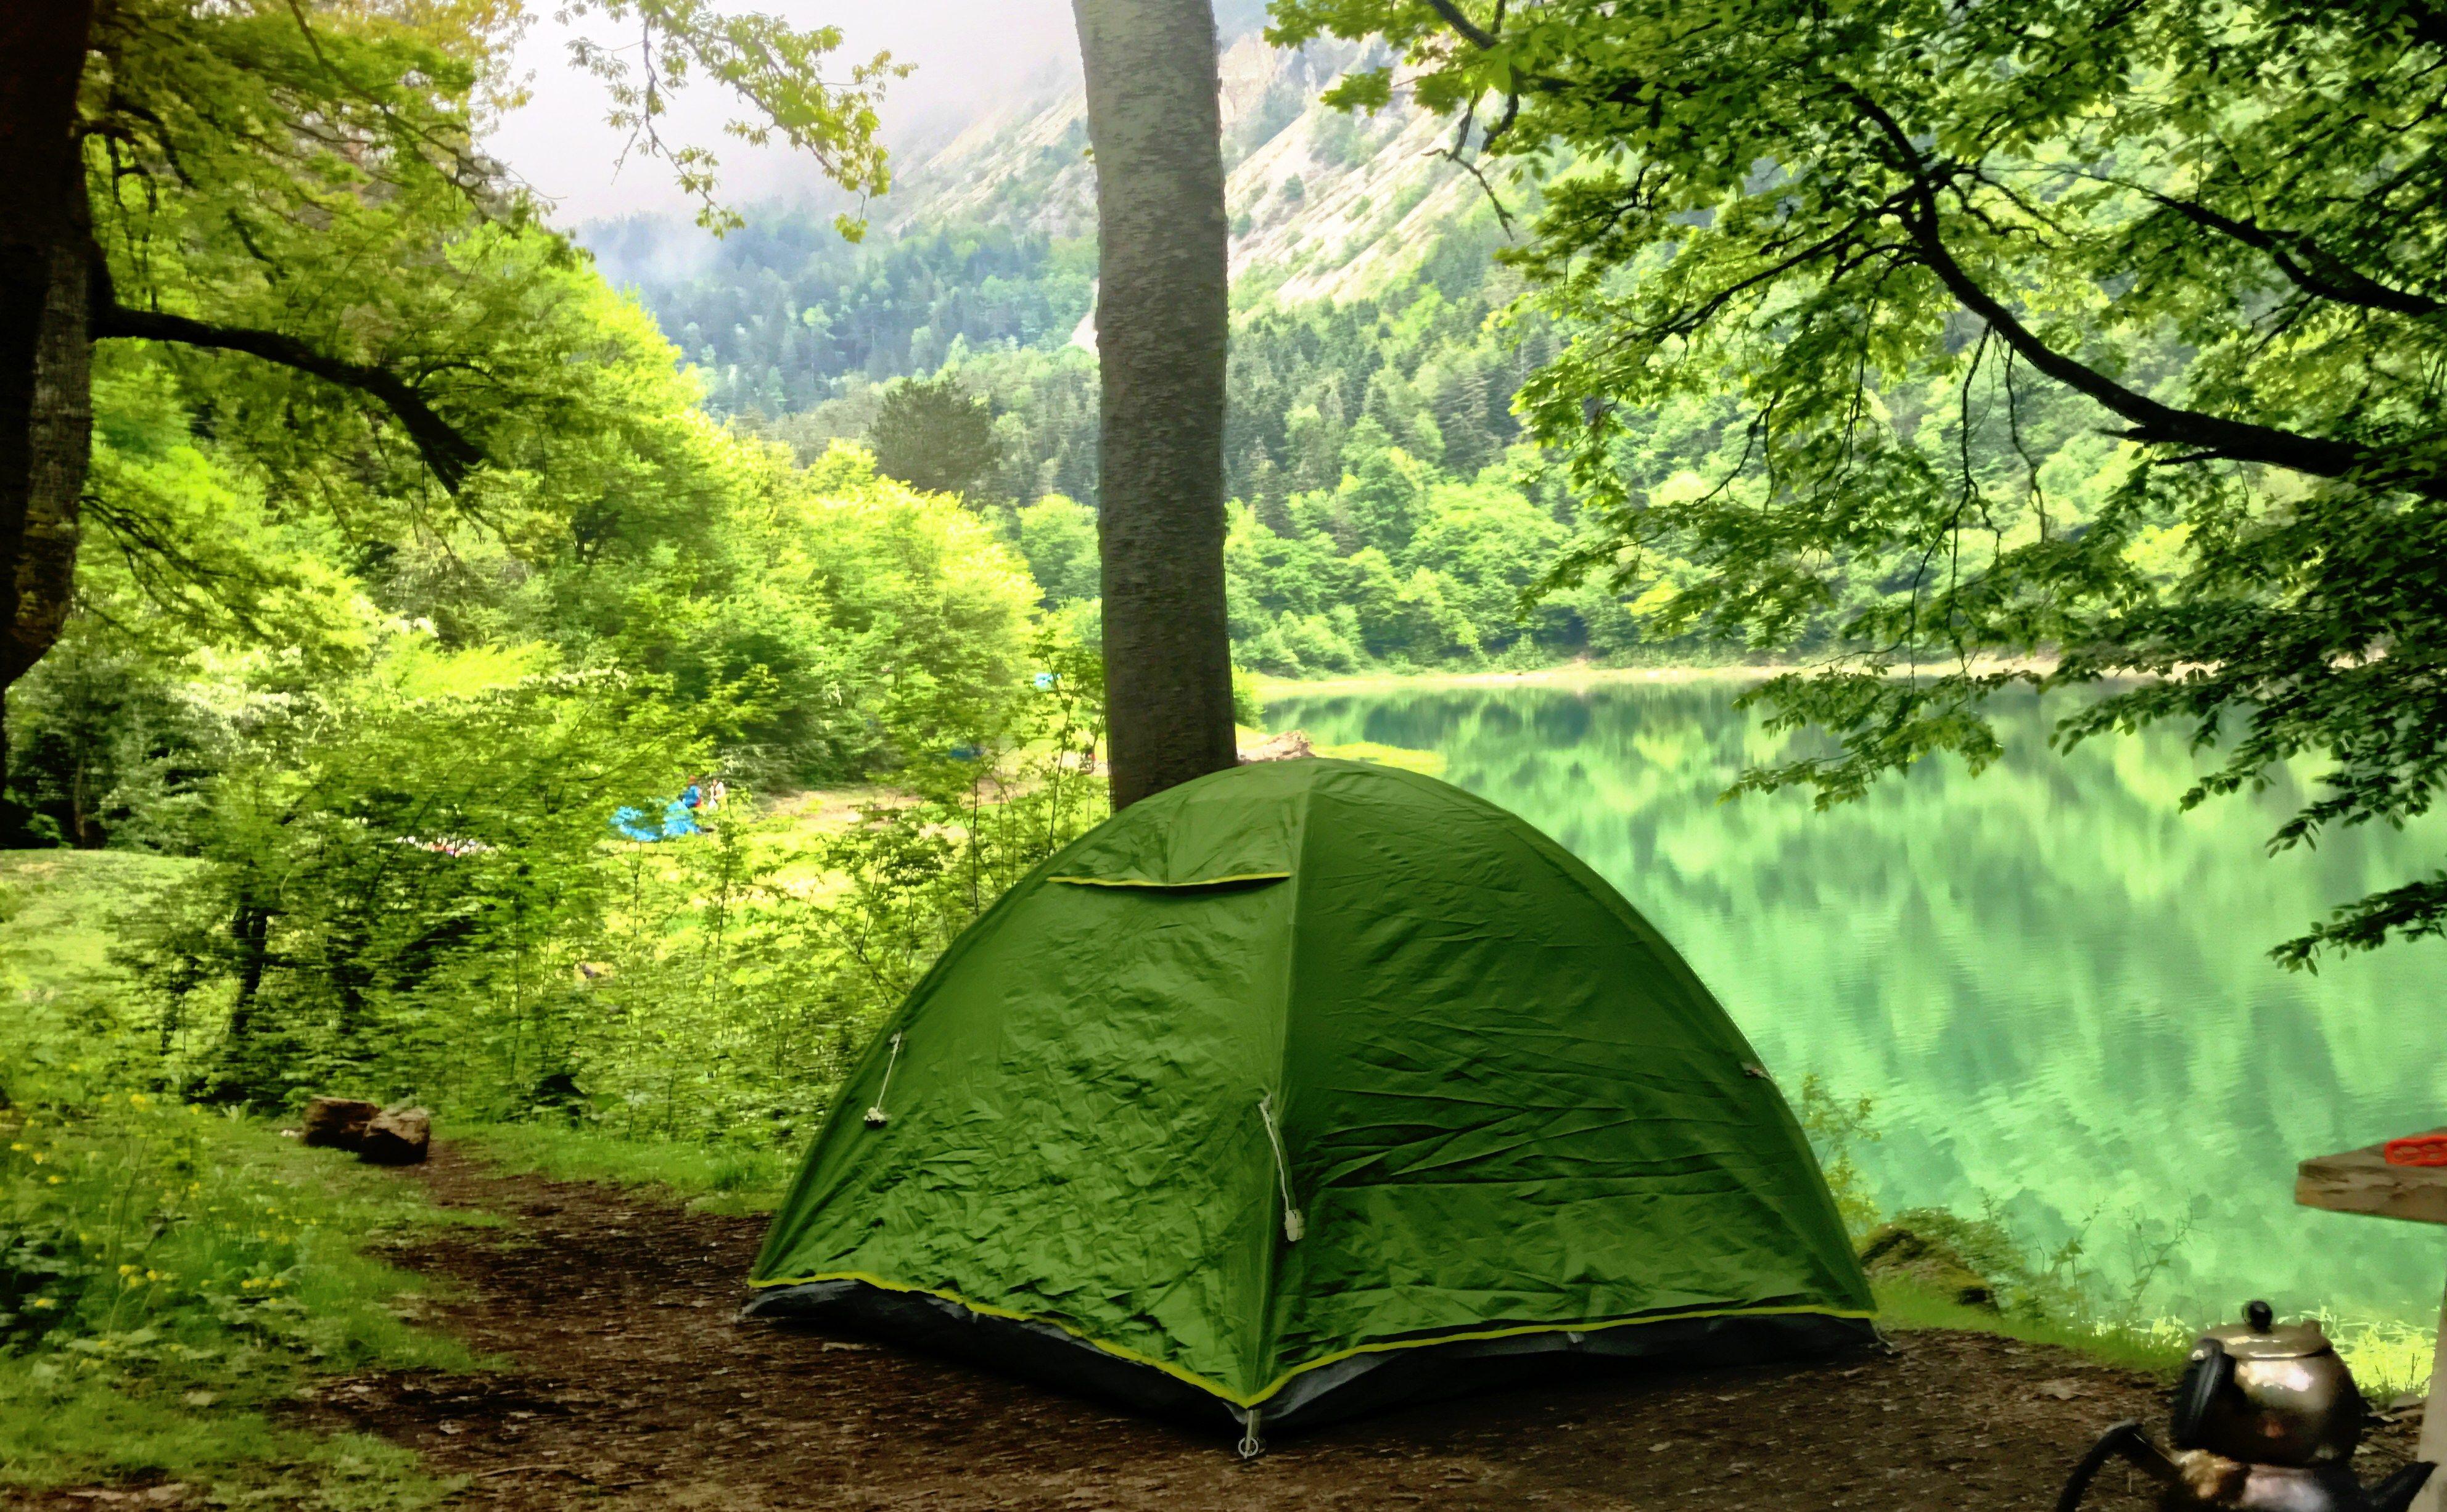 Ne zamandır İstanbul'a çok uzak olmayan bir kamp alanı arıyorduk. Sonunda harika bir rota keşfetme şansımız oldu: Sülüklü Göl.